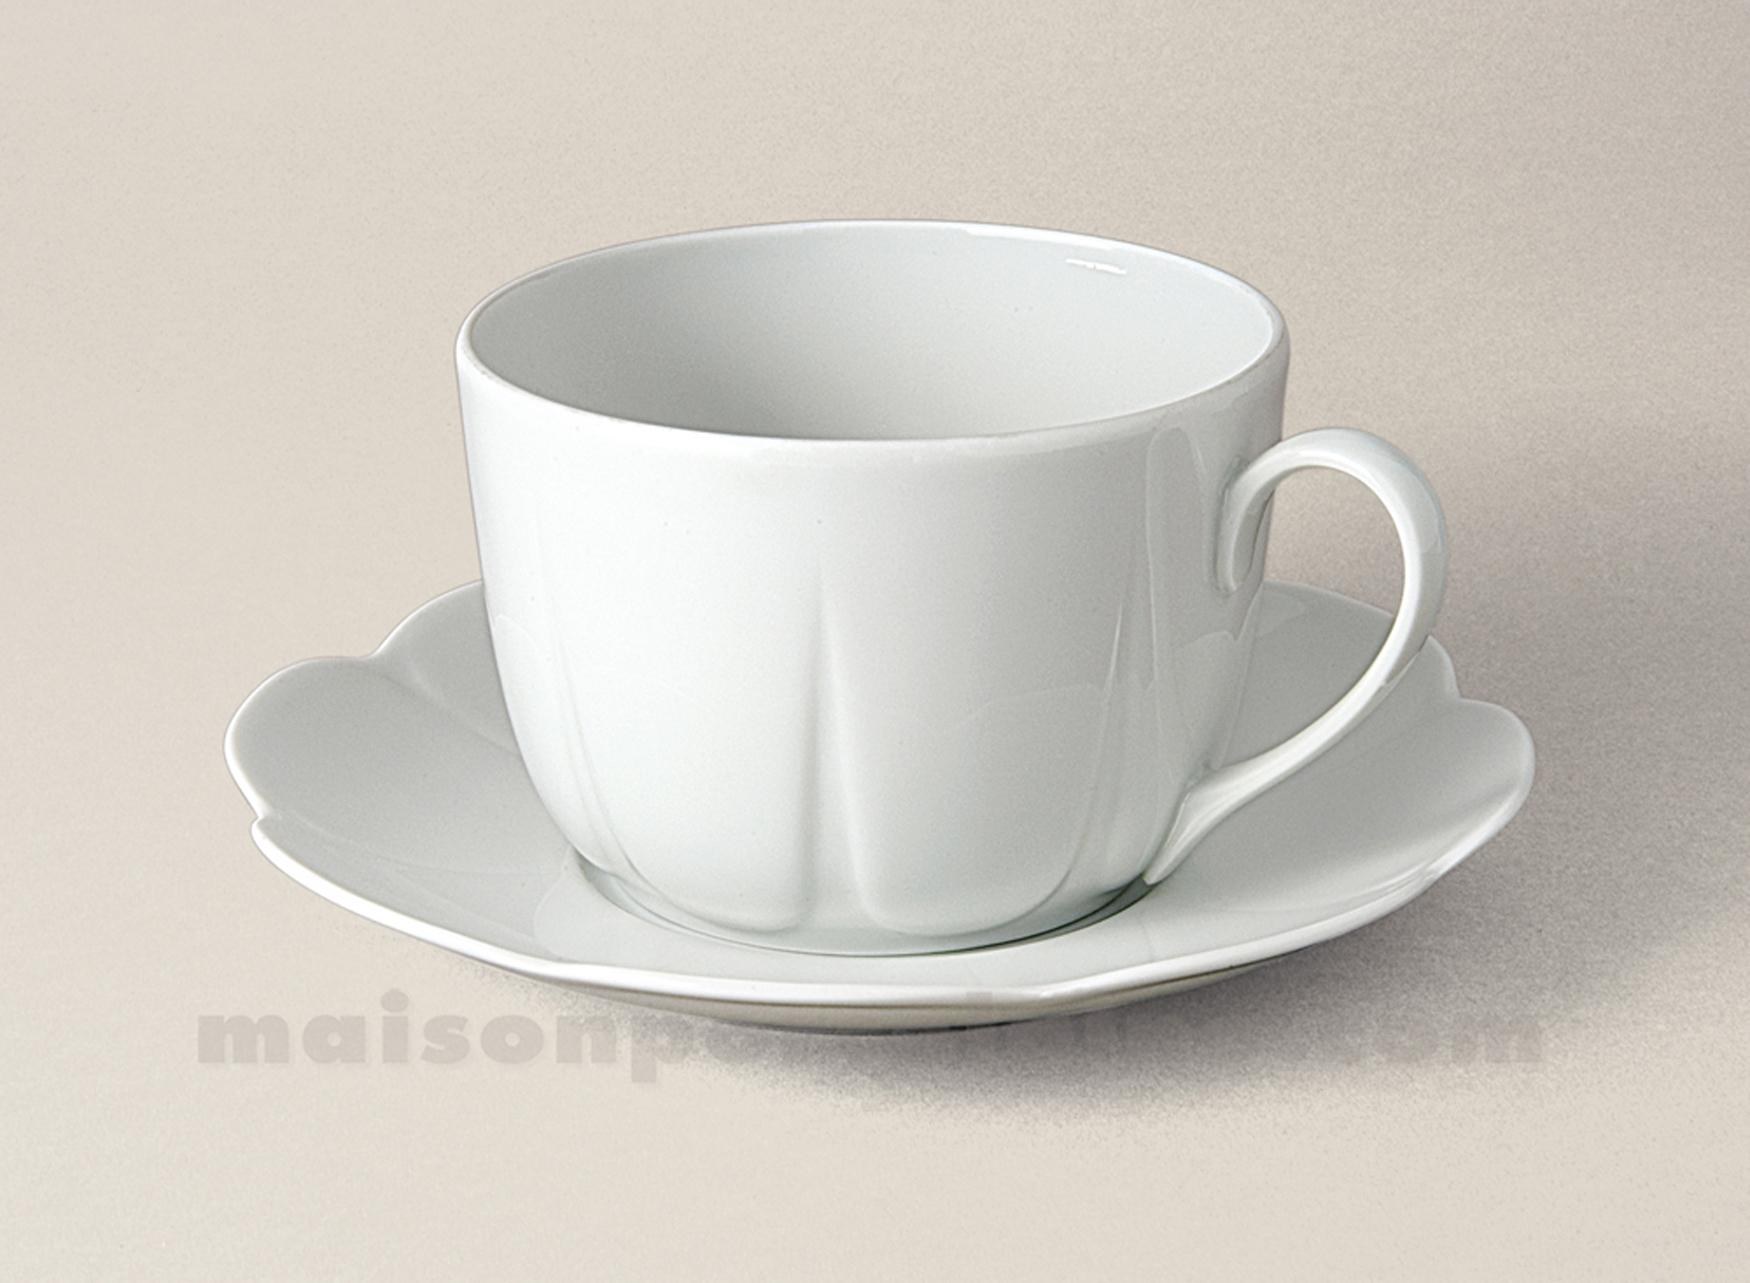 Tasse dejeuner soucoupe limoges porcelaine blanche nymphea for Maison de la porcelaine